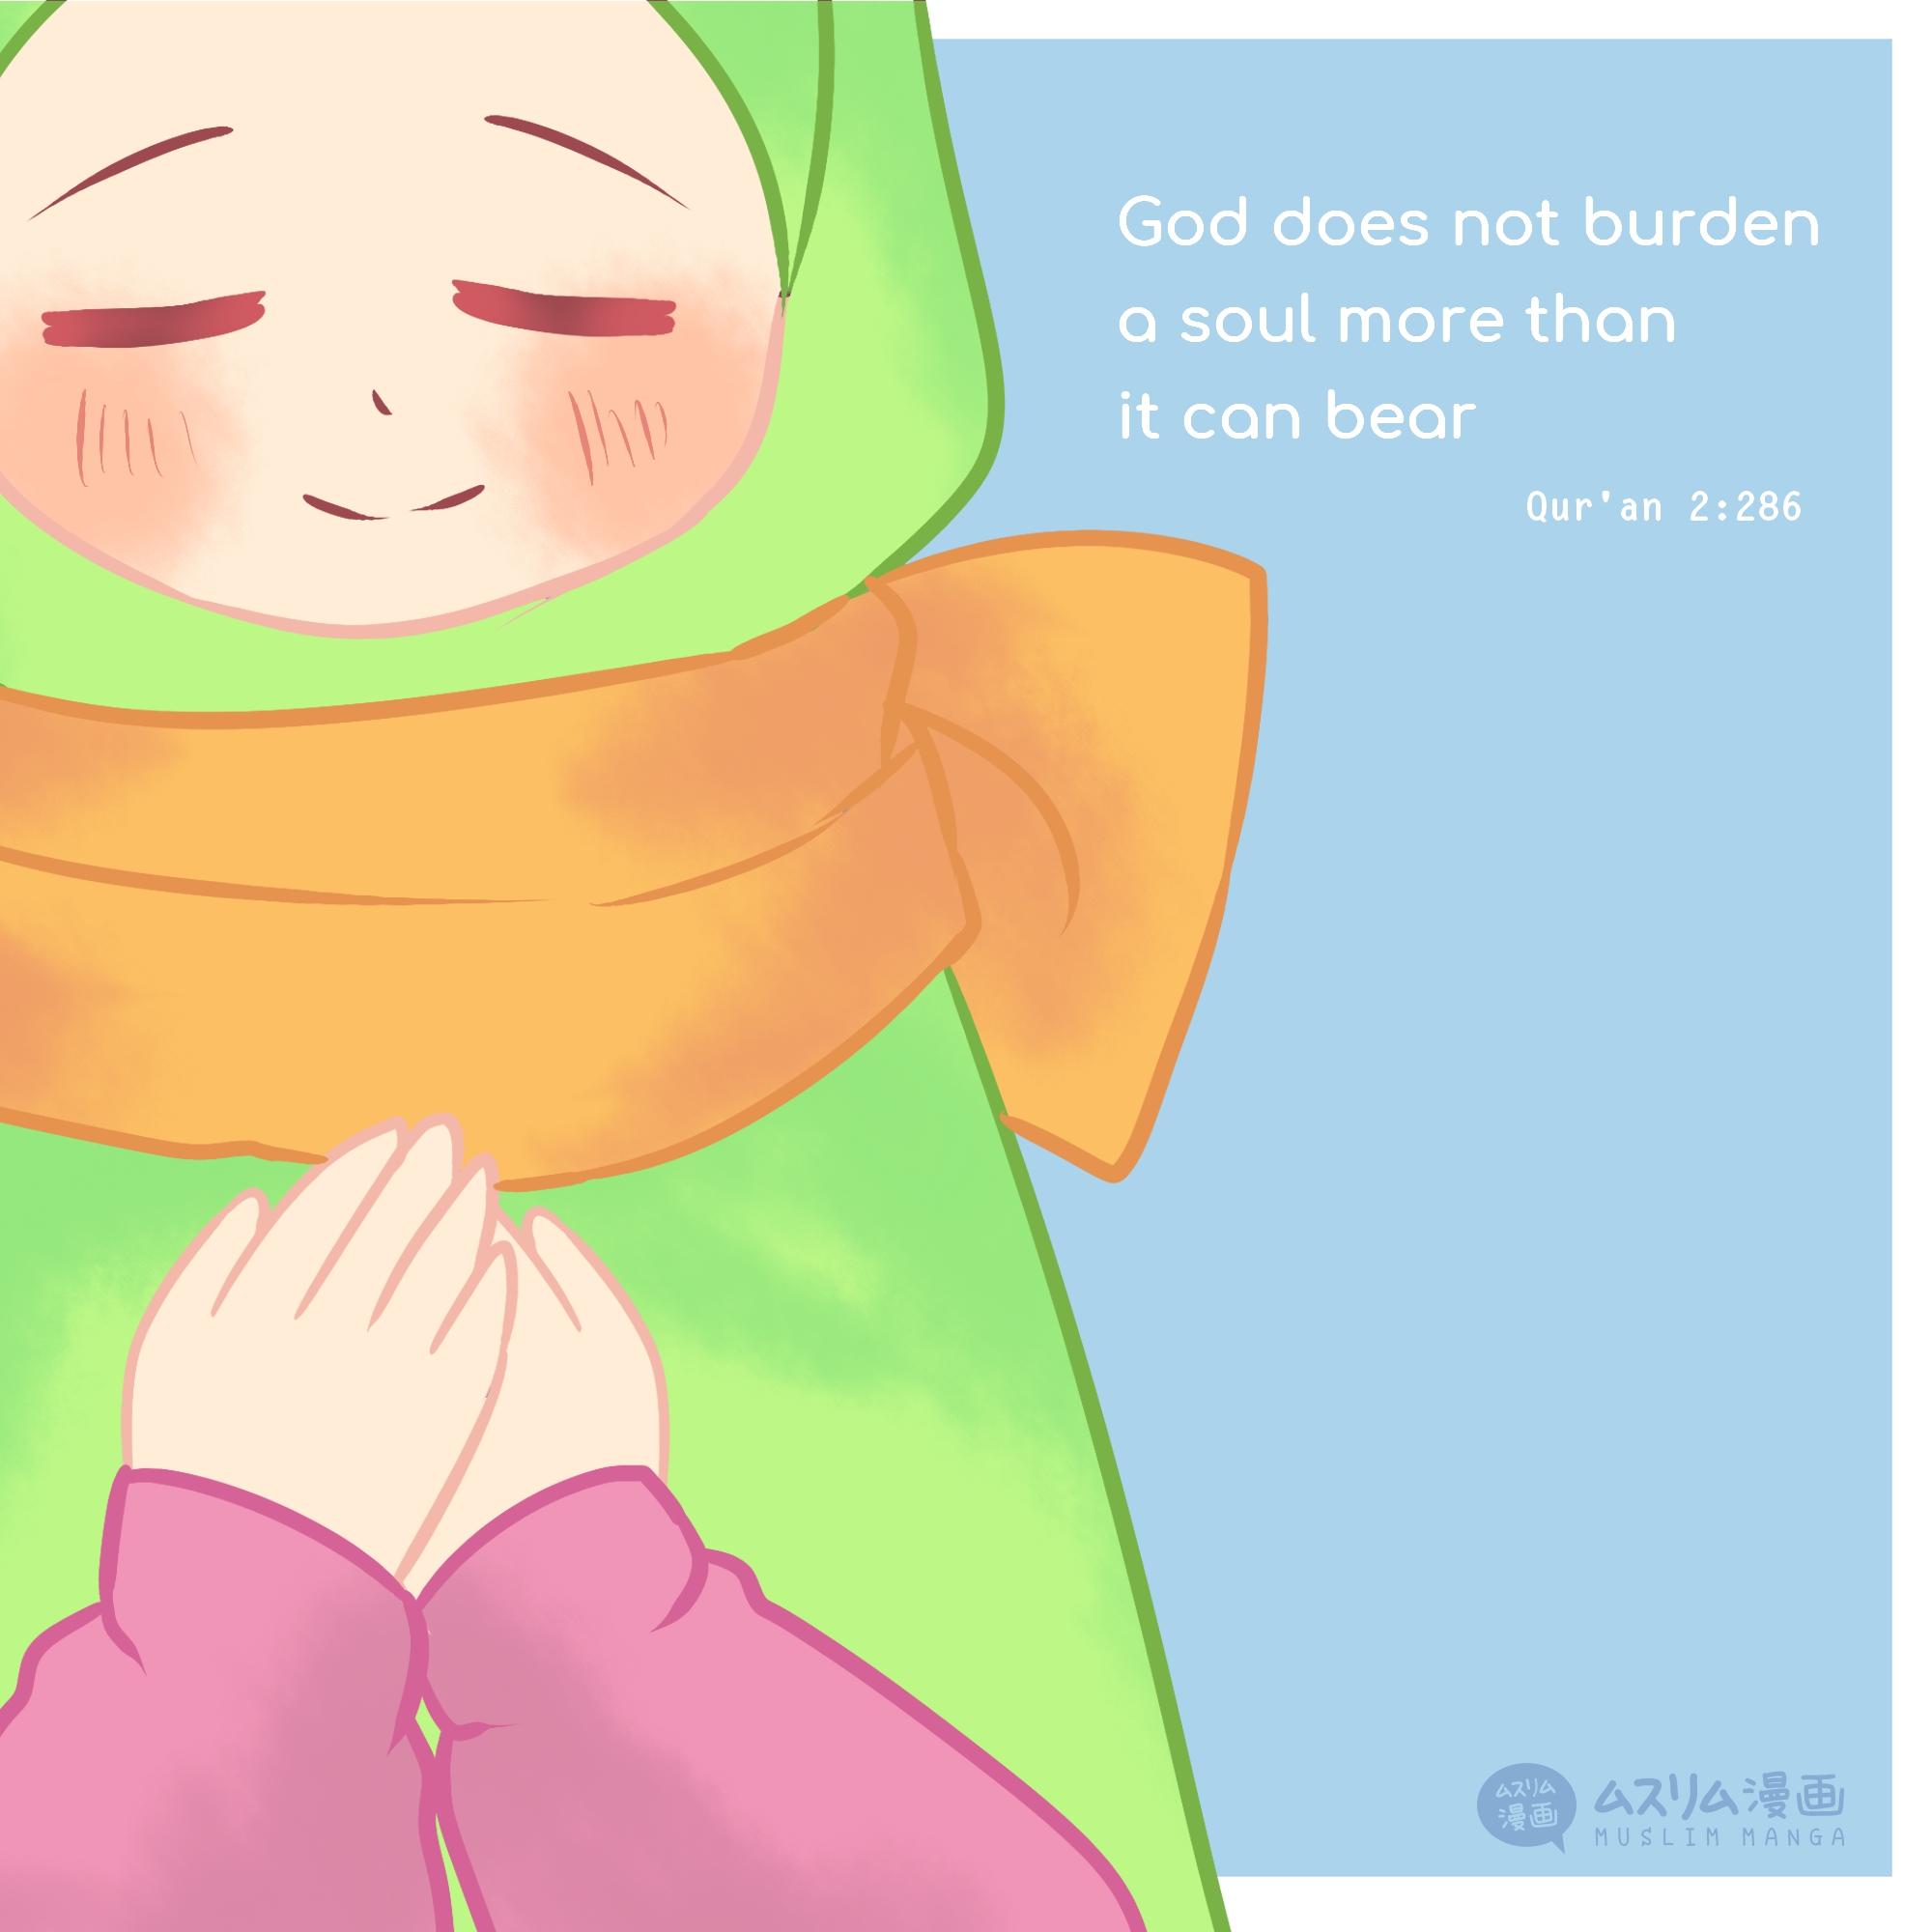 does not burden